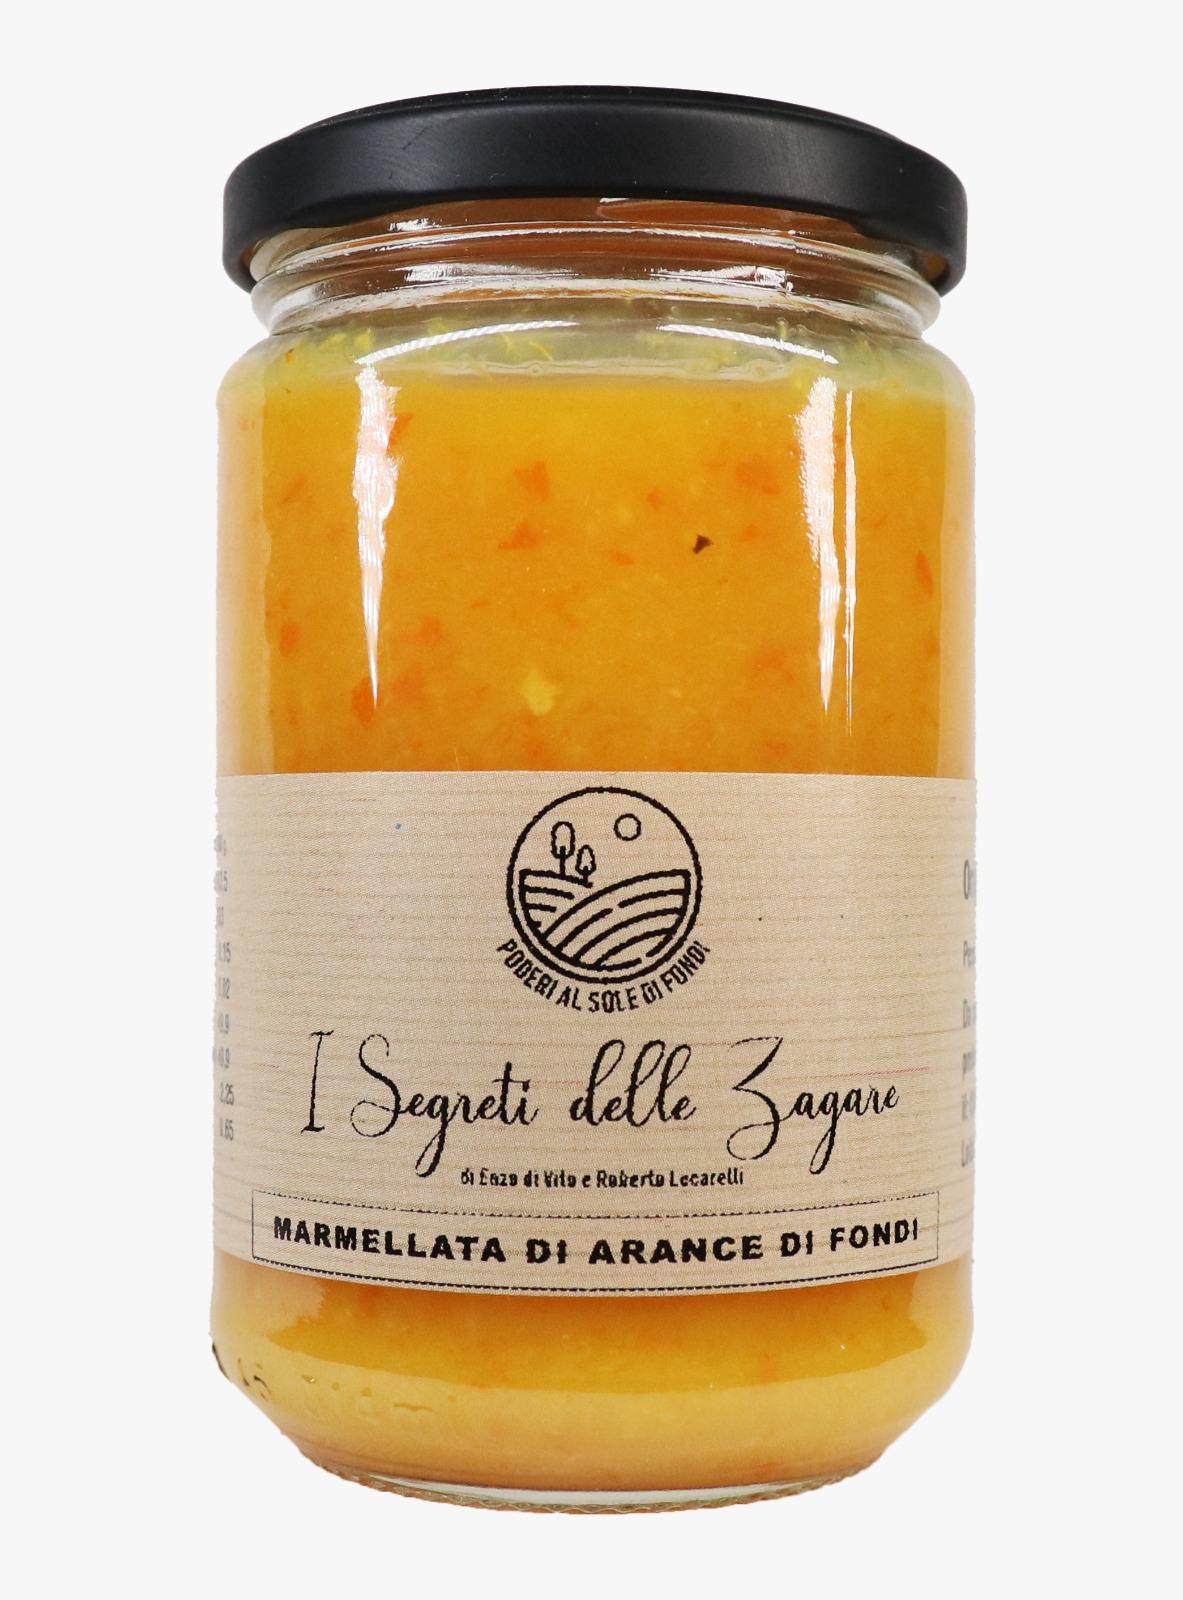 Marmellata di arance di Fondi I segreti delle zagare - Confezioni da 100 gr e 300 gr